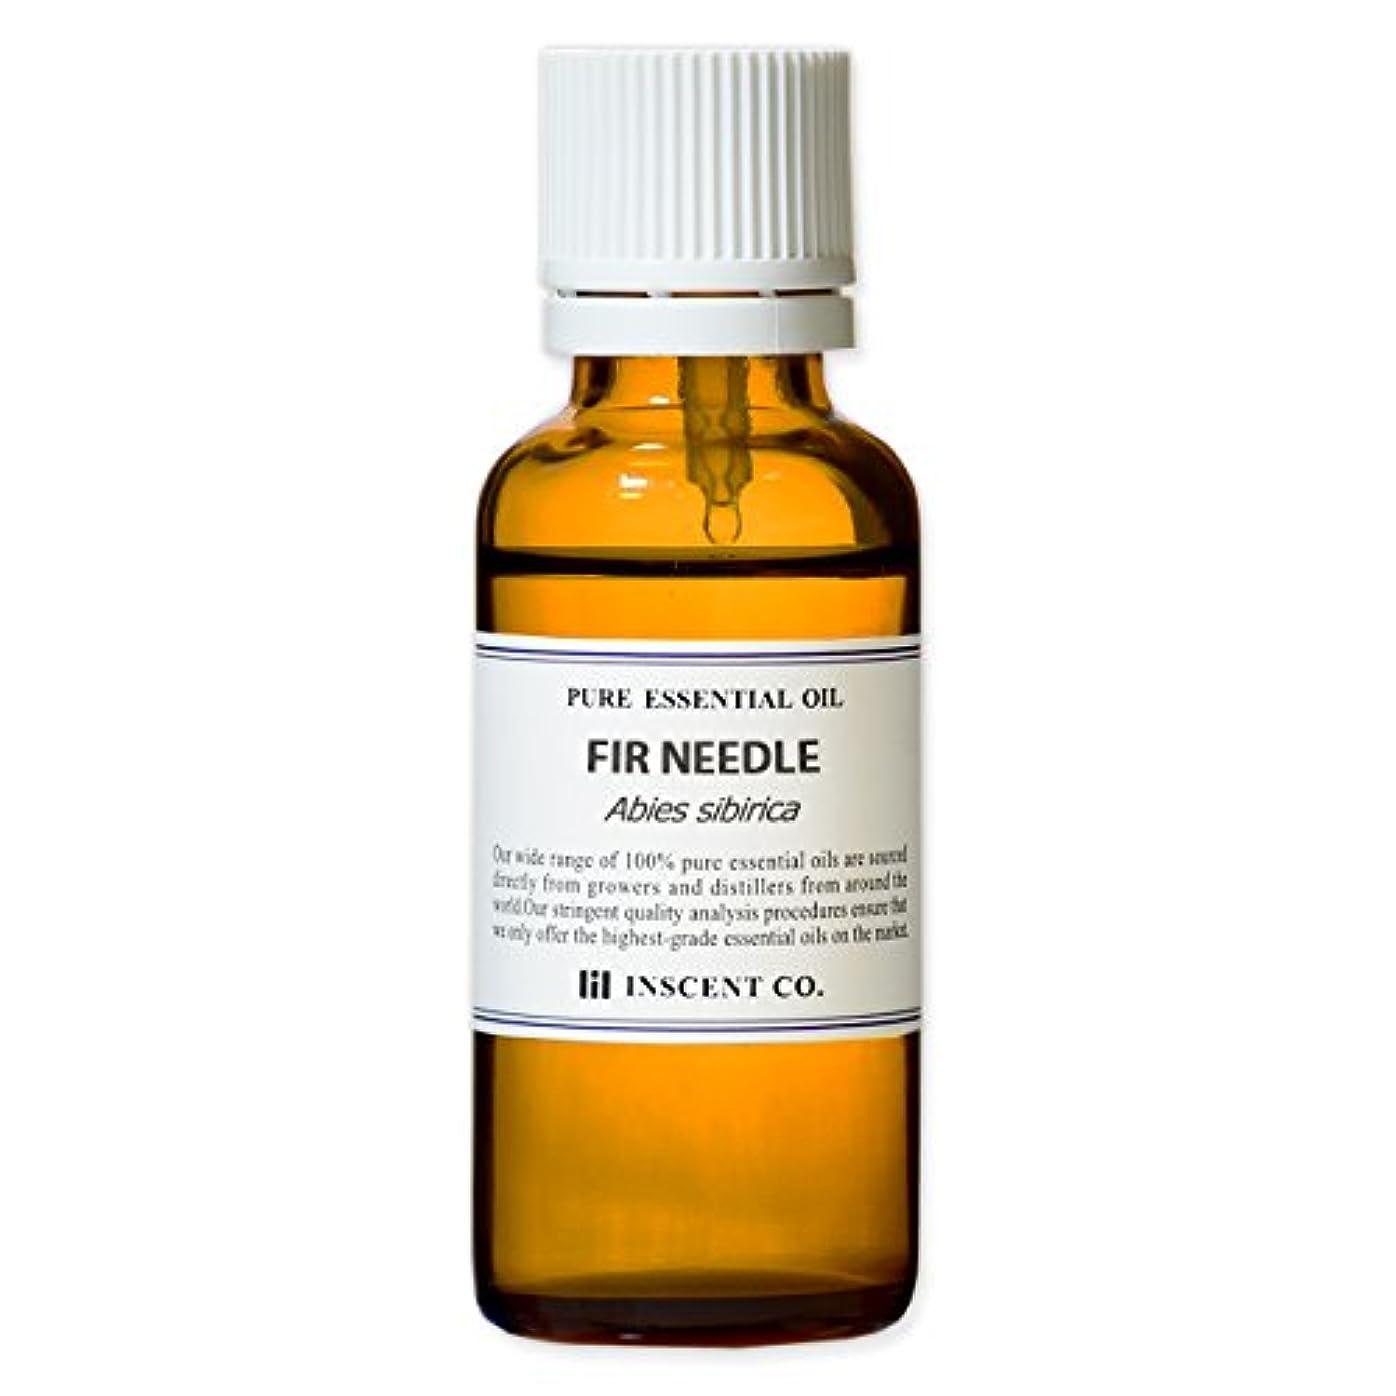 水分すずめ環境に優しいファーニードル 30ml インセント アロマオイル AEAJ 表示基準適合認定精油